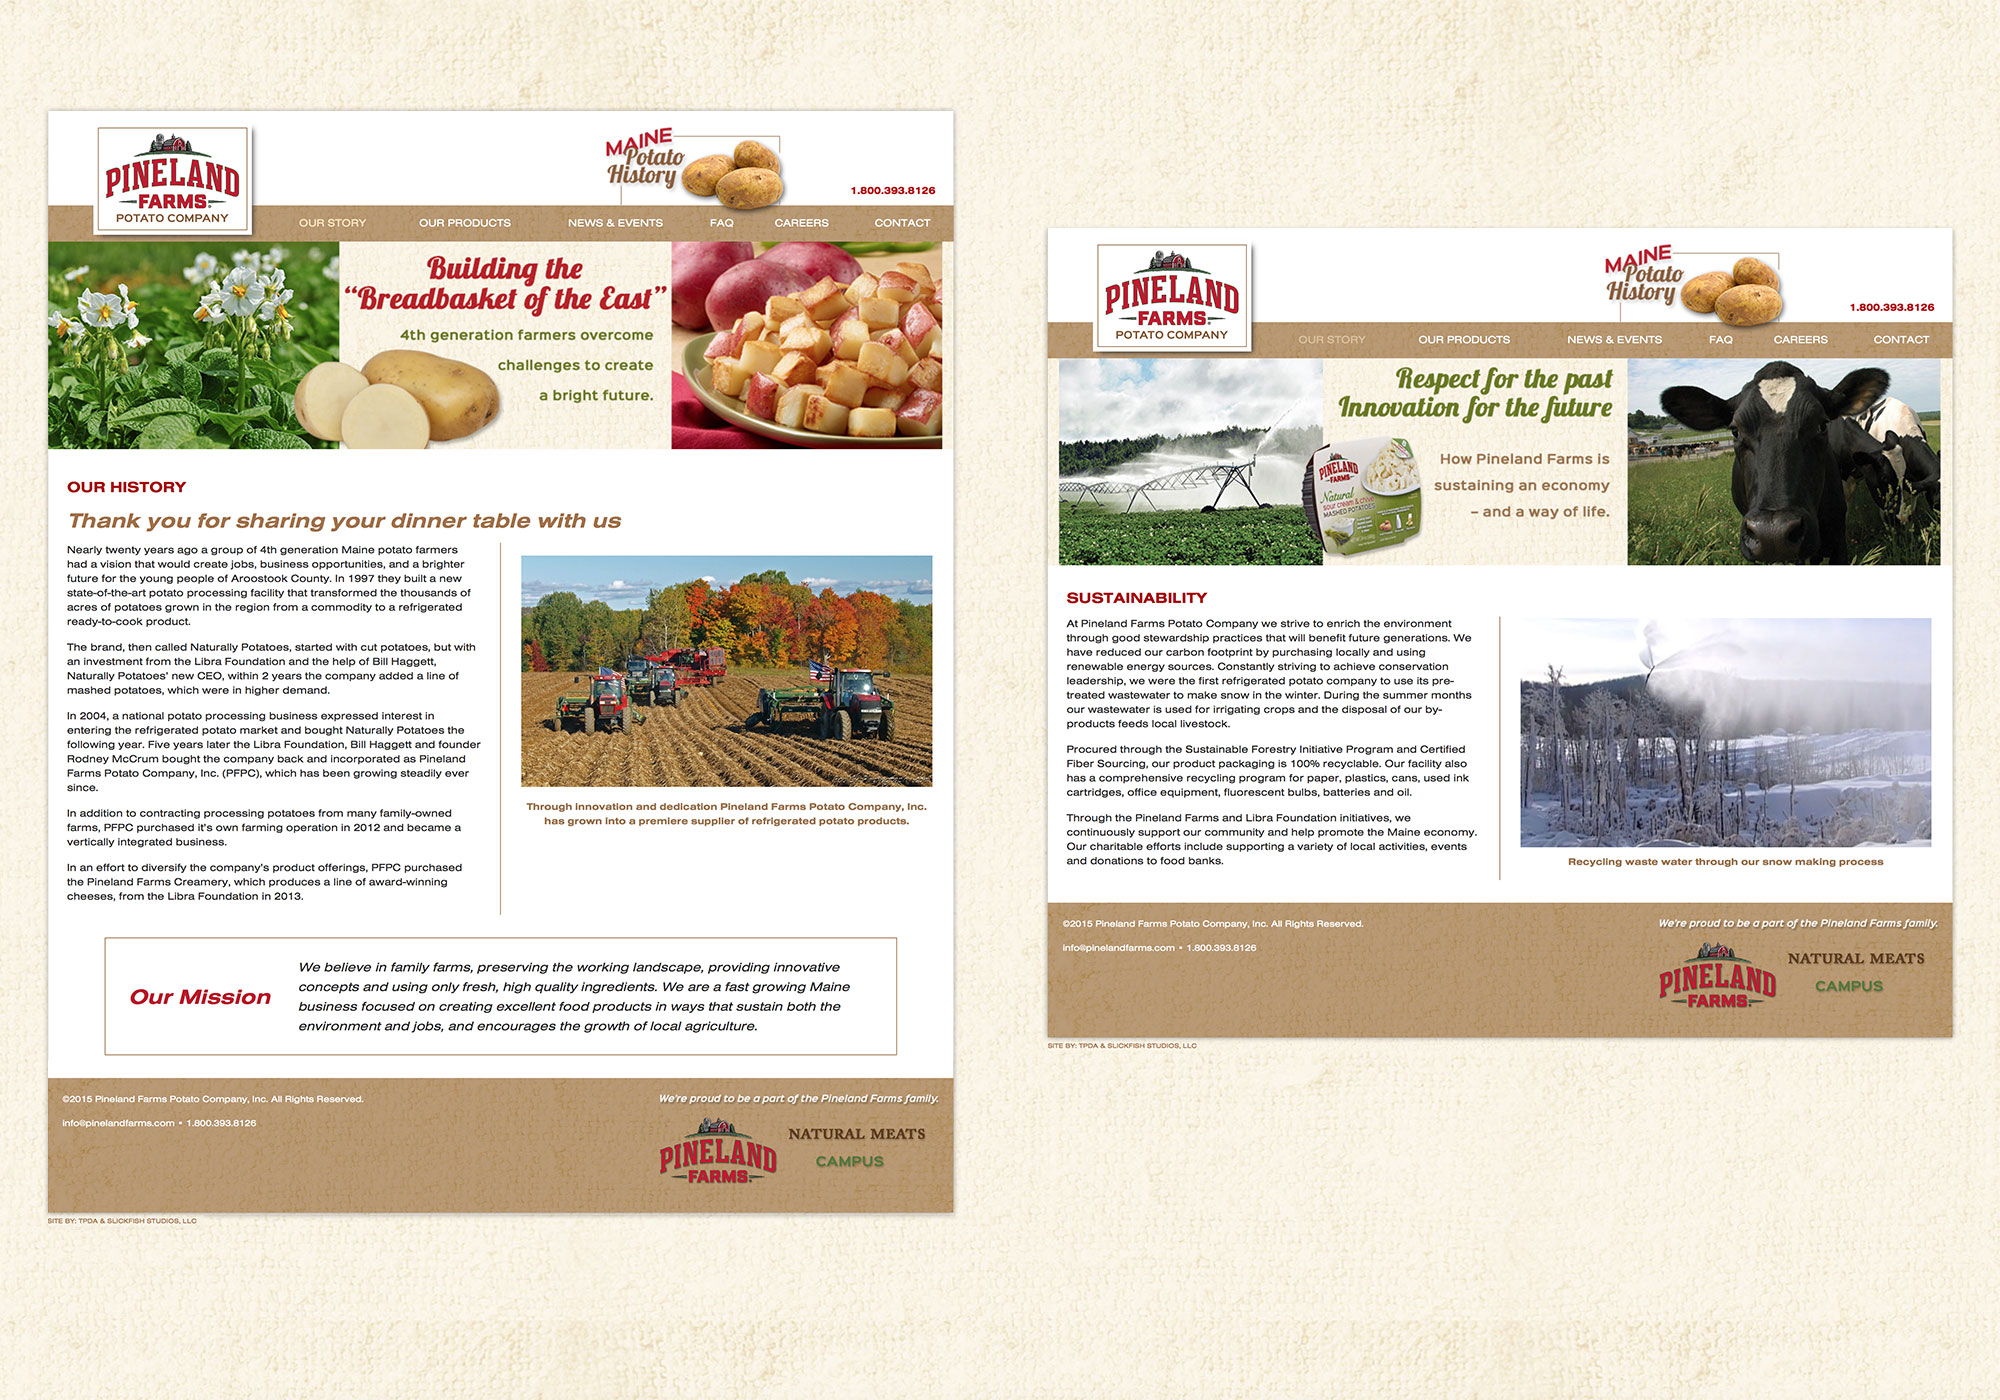 SlickFish, a Portland, Maine web design company, created an original, mobile friendly website for Pineland Farms Potato Company.